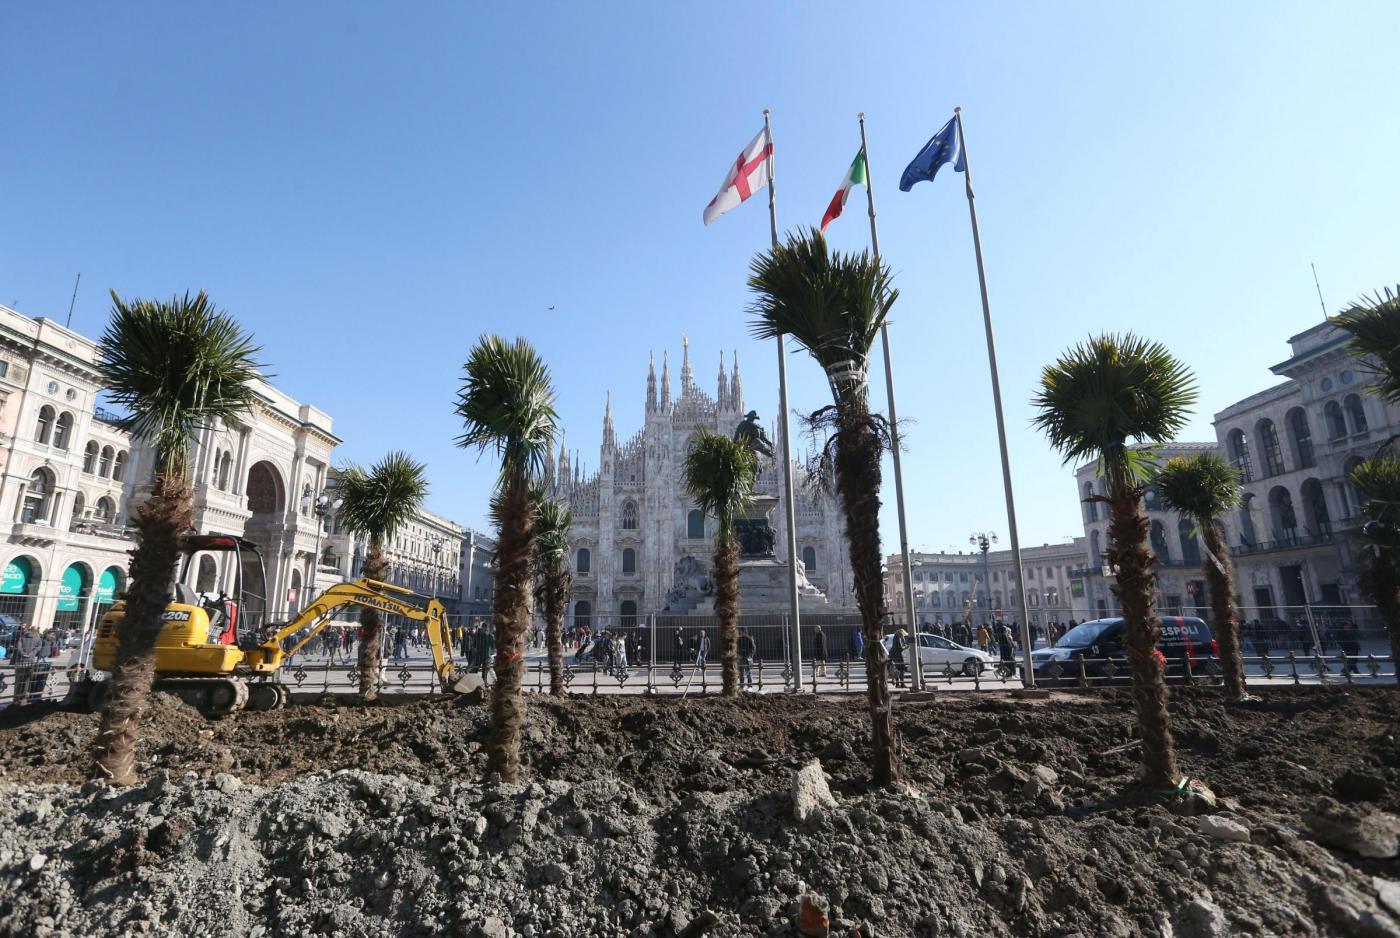 Palme in Piazza del Duomo a Milano